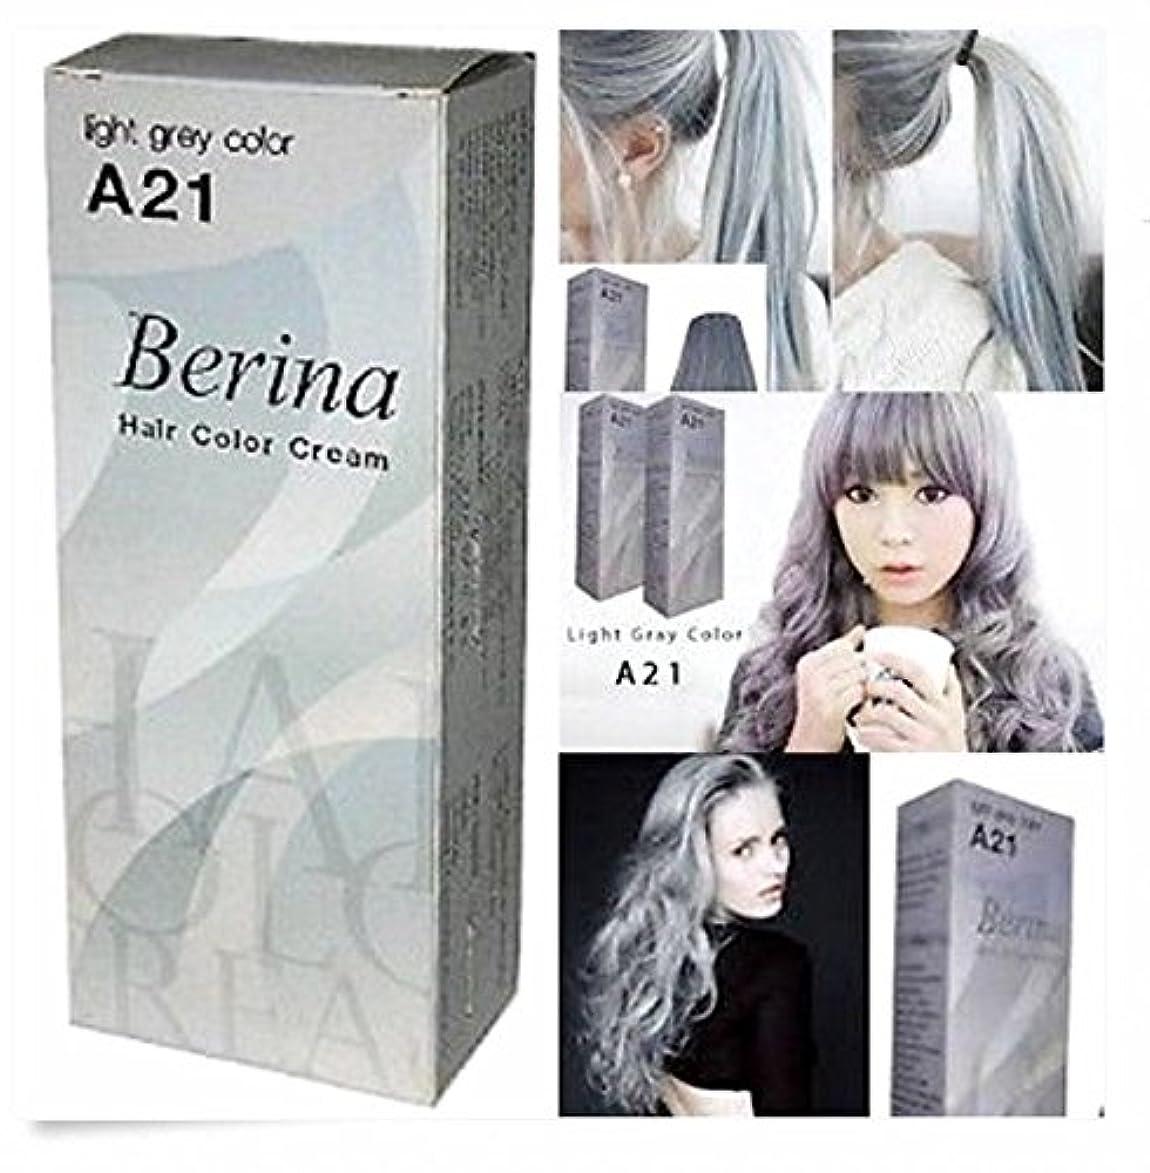 日曜日ショートカットウォーターフロントベリーナ 永久毛染めカラークリーム 明るい灰色シルバー#21